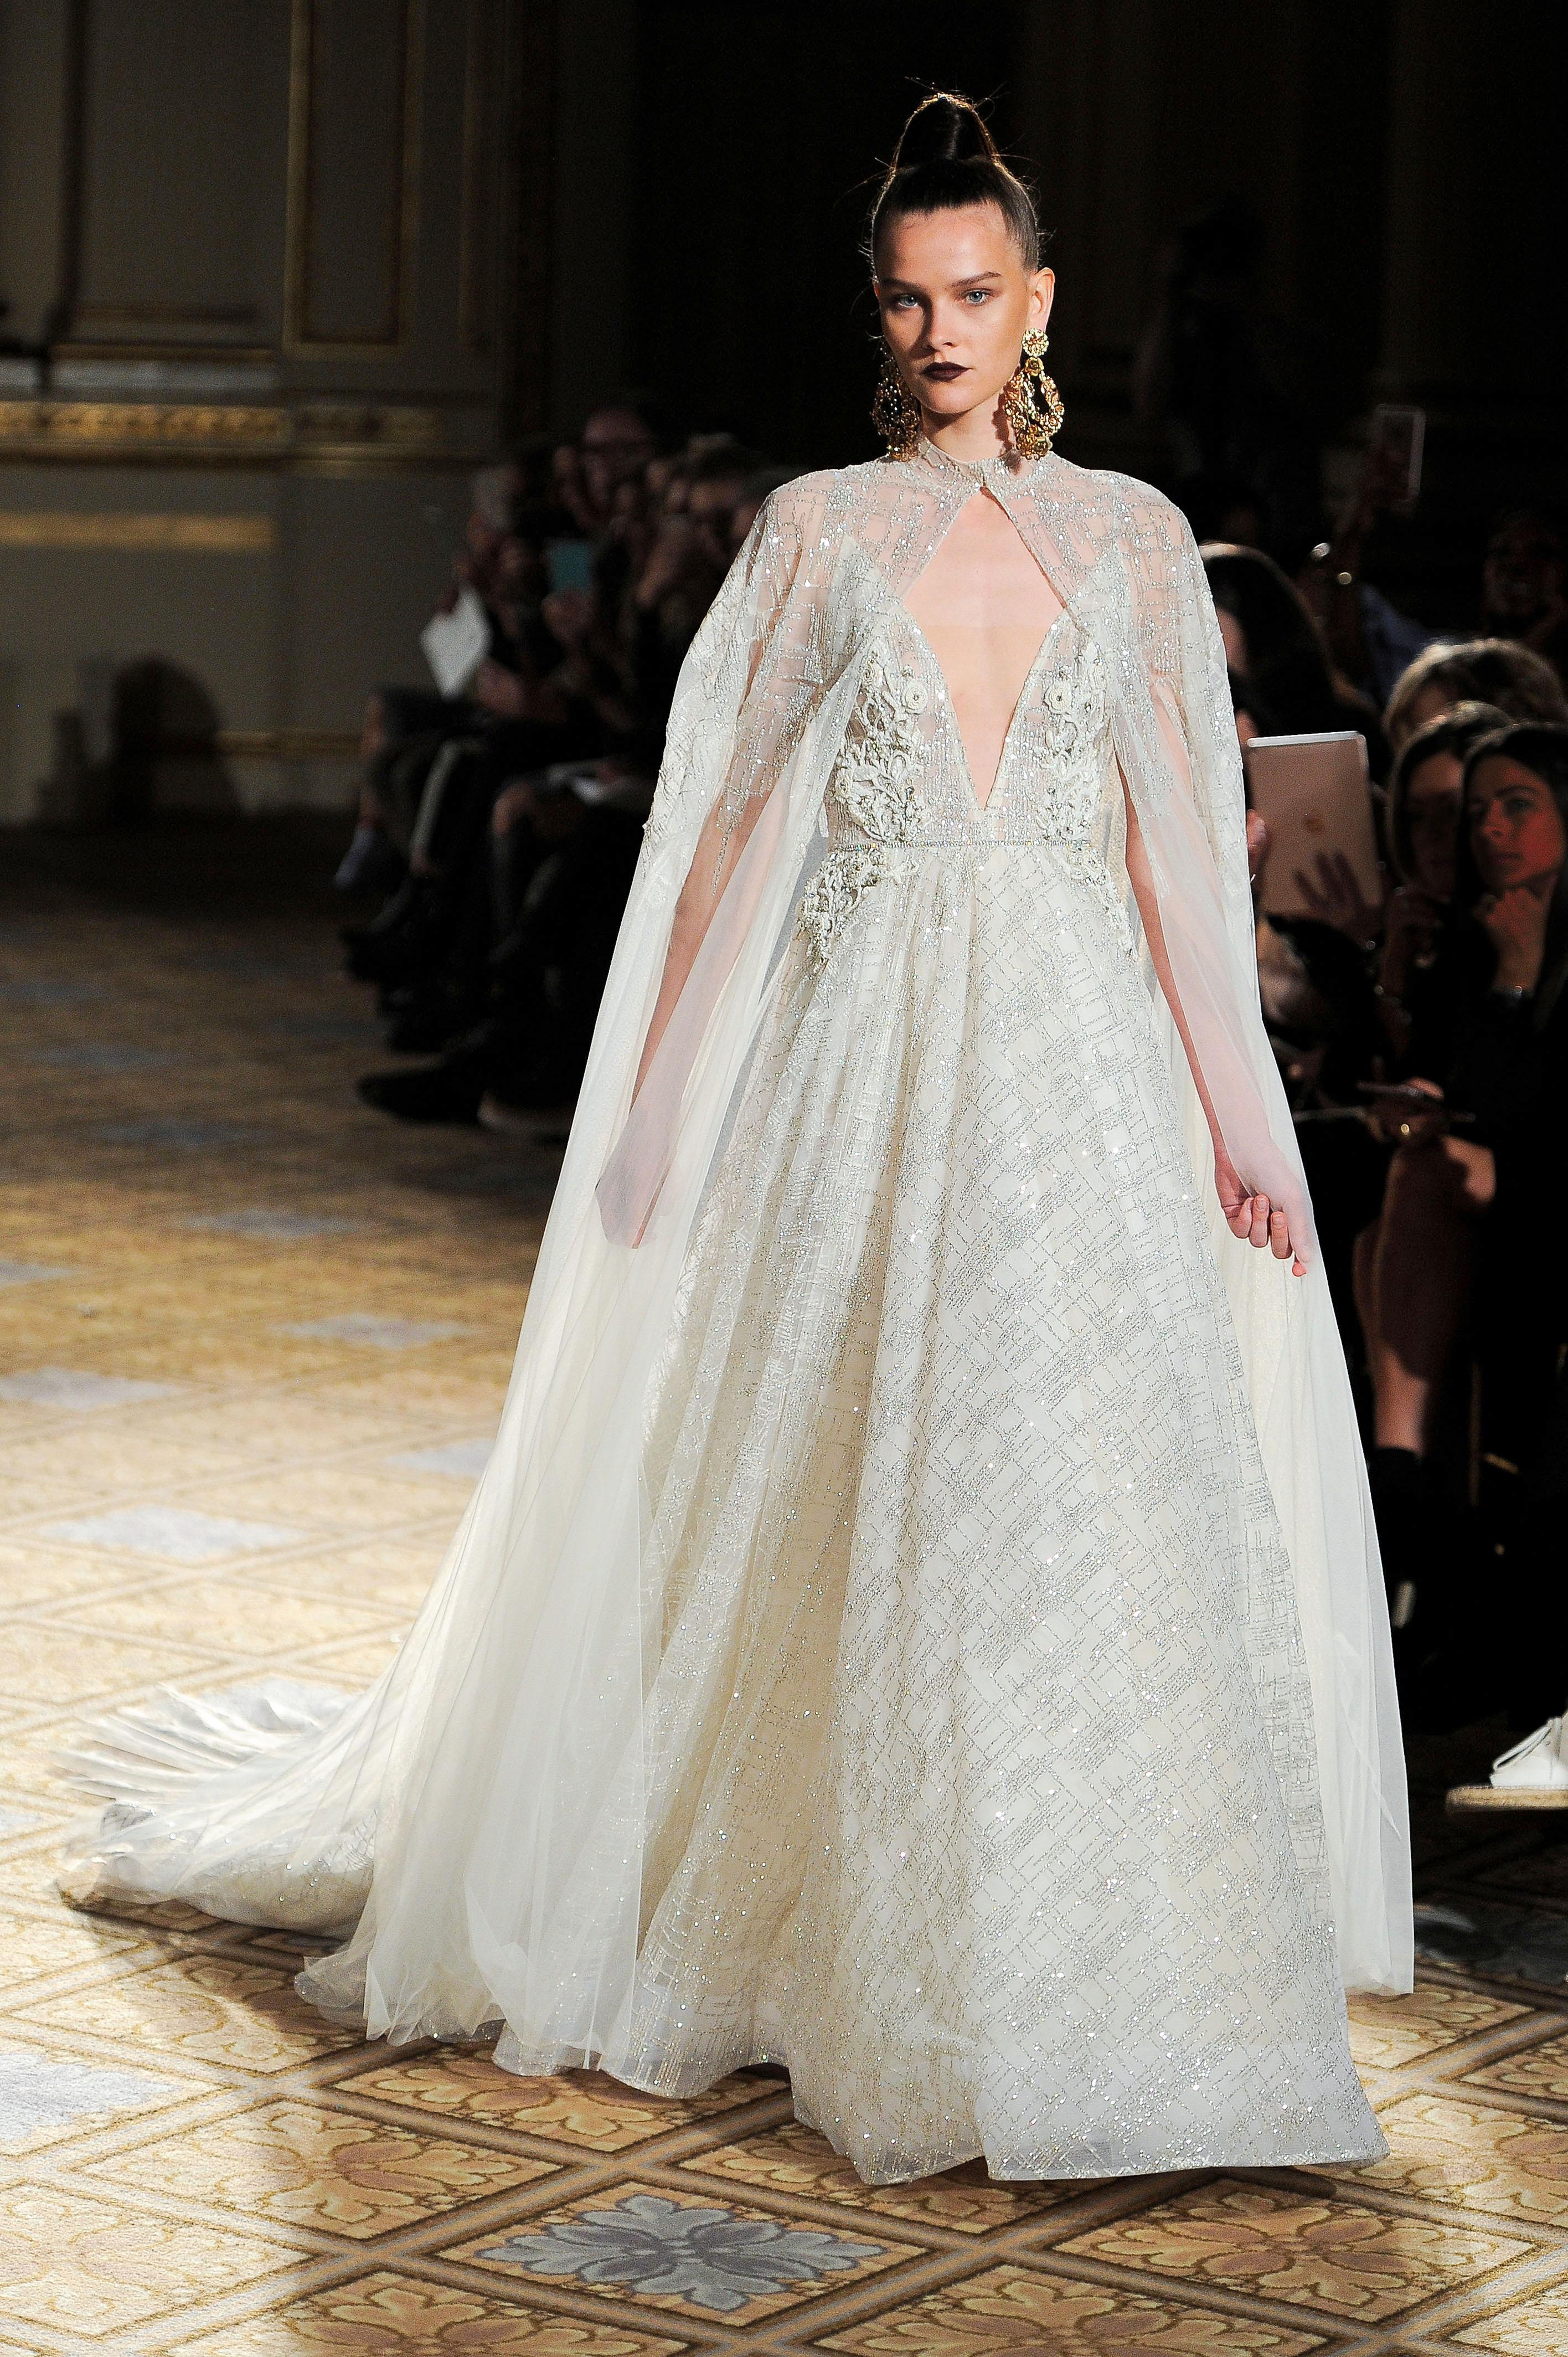 berta sparkly v-neck wedding dress with cape spring 2018